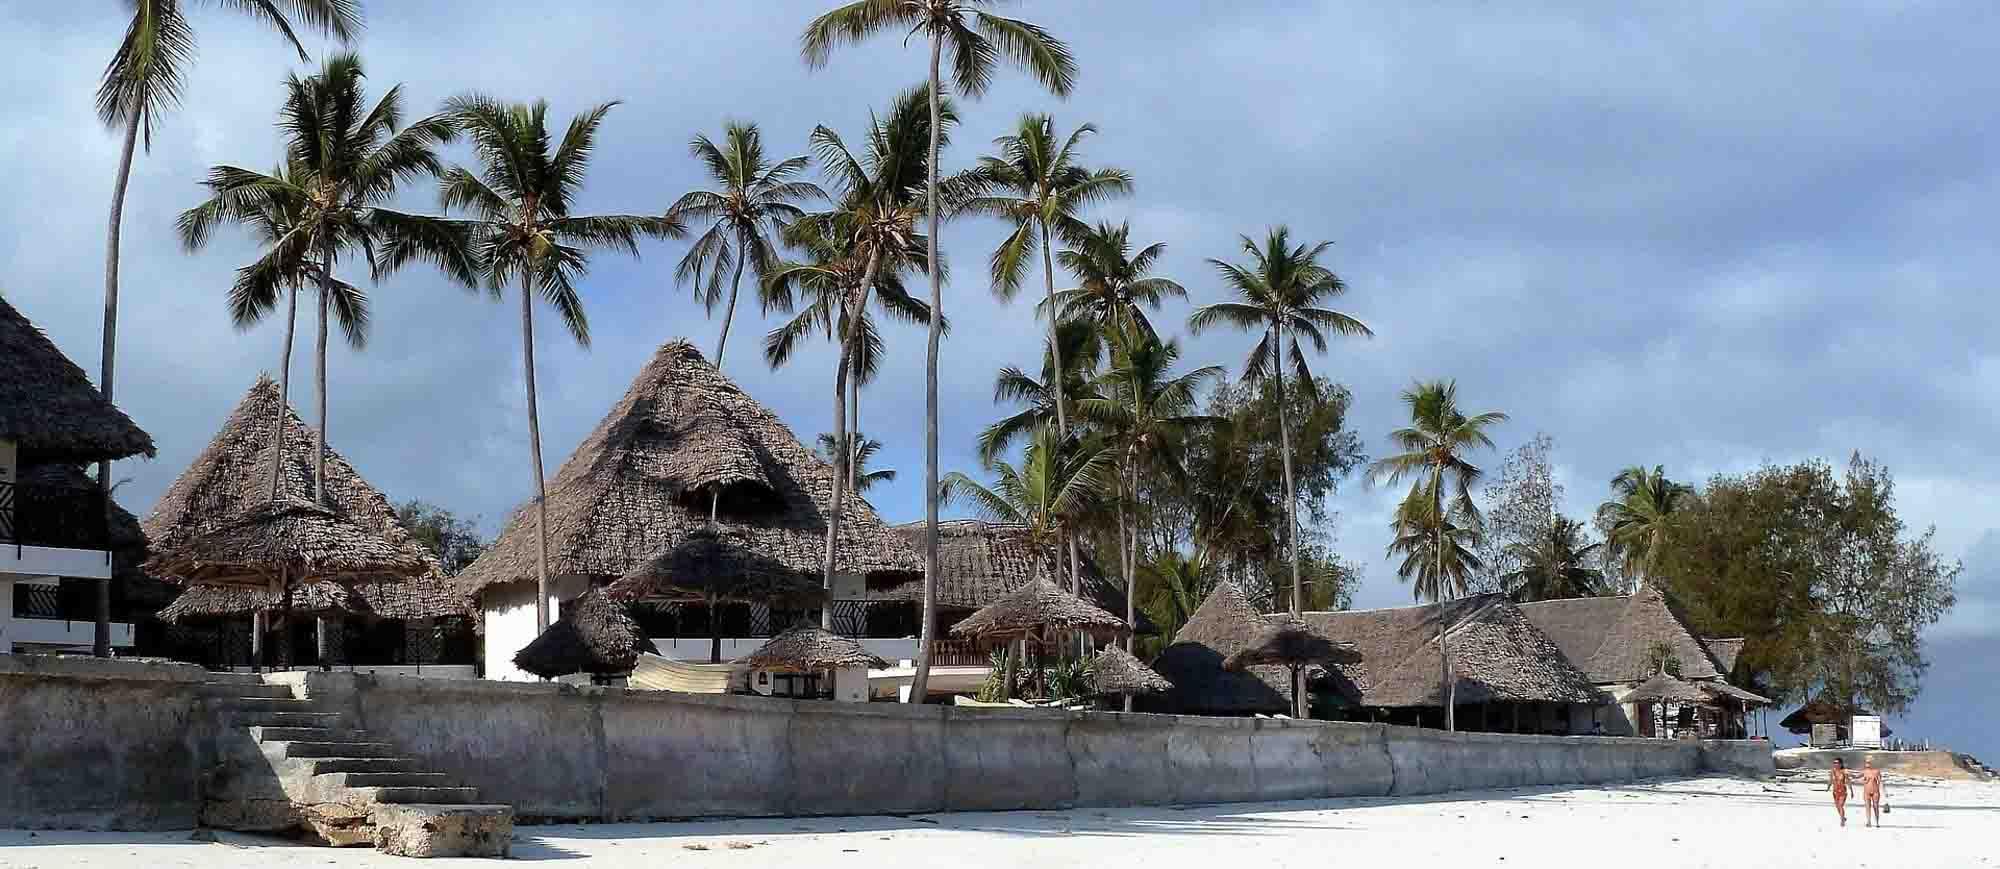 Stone town Zanzibar - Agencia de viajes Africaatumedida